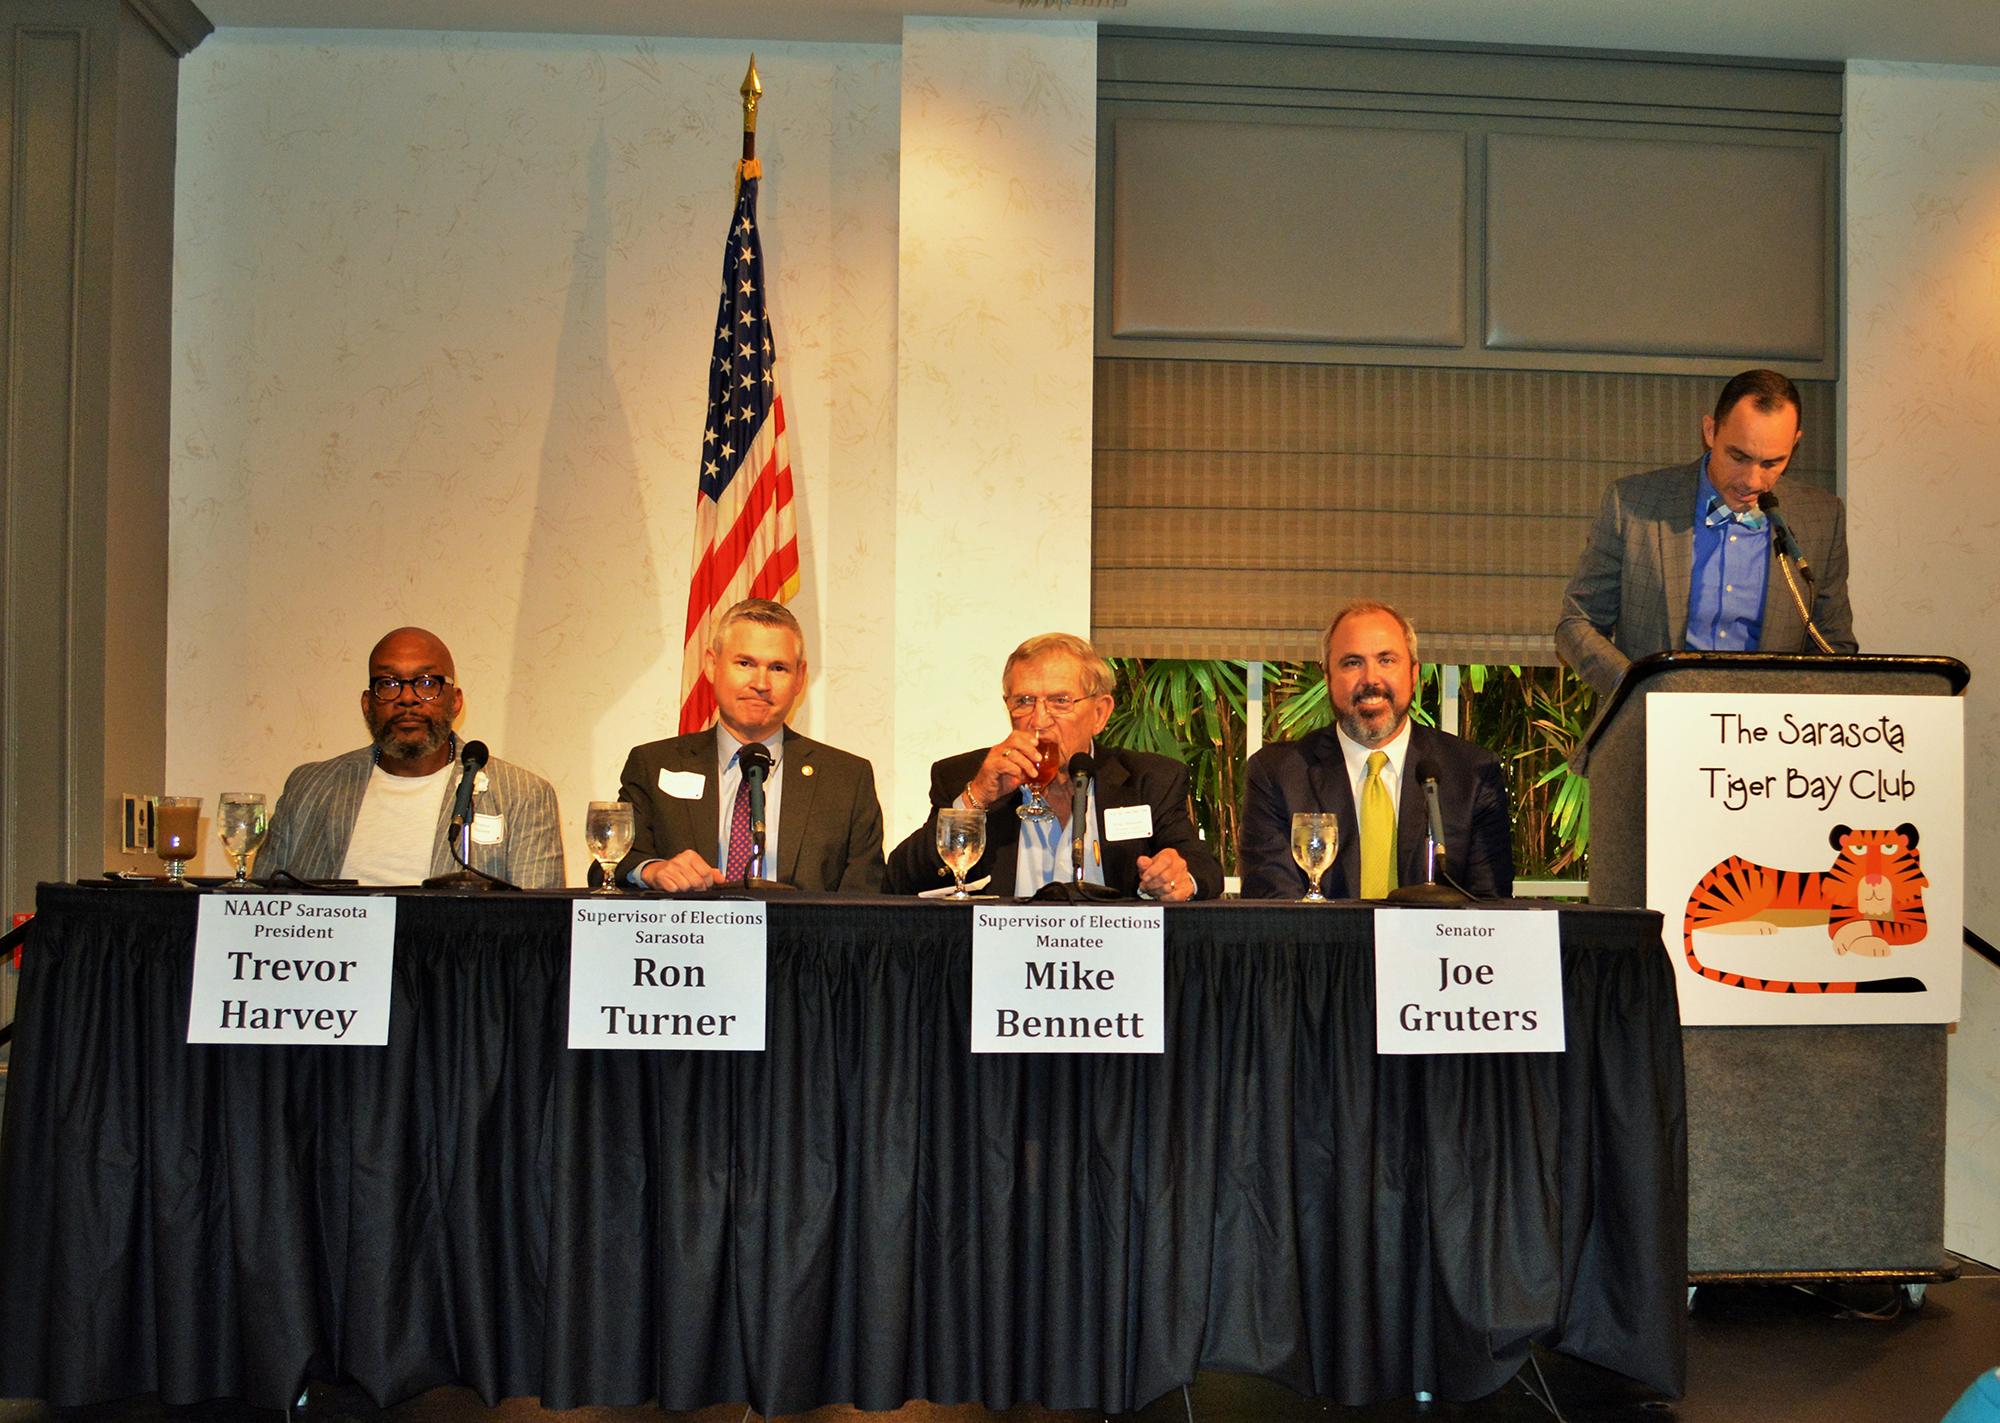 panel of men